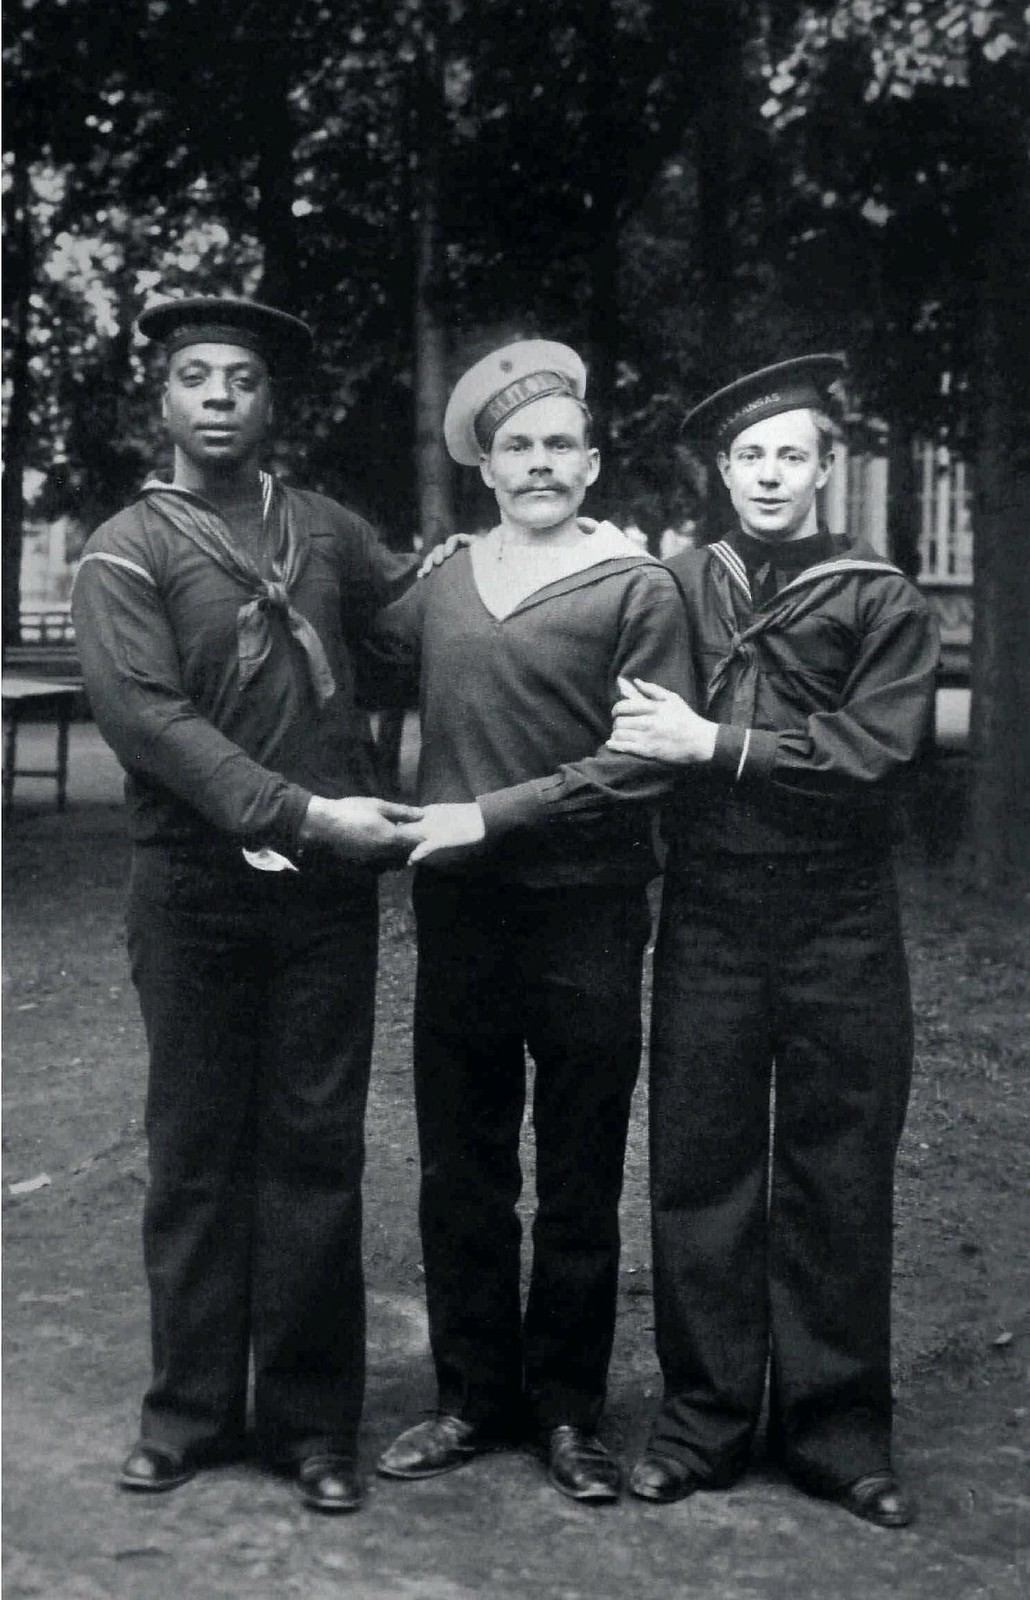 1911. Матросы американской эскадры и матрос Балтийского флотского экипажа